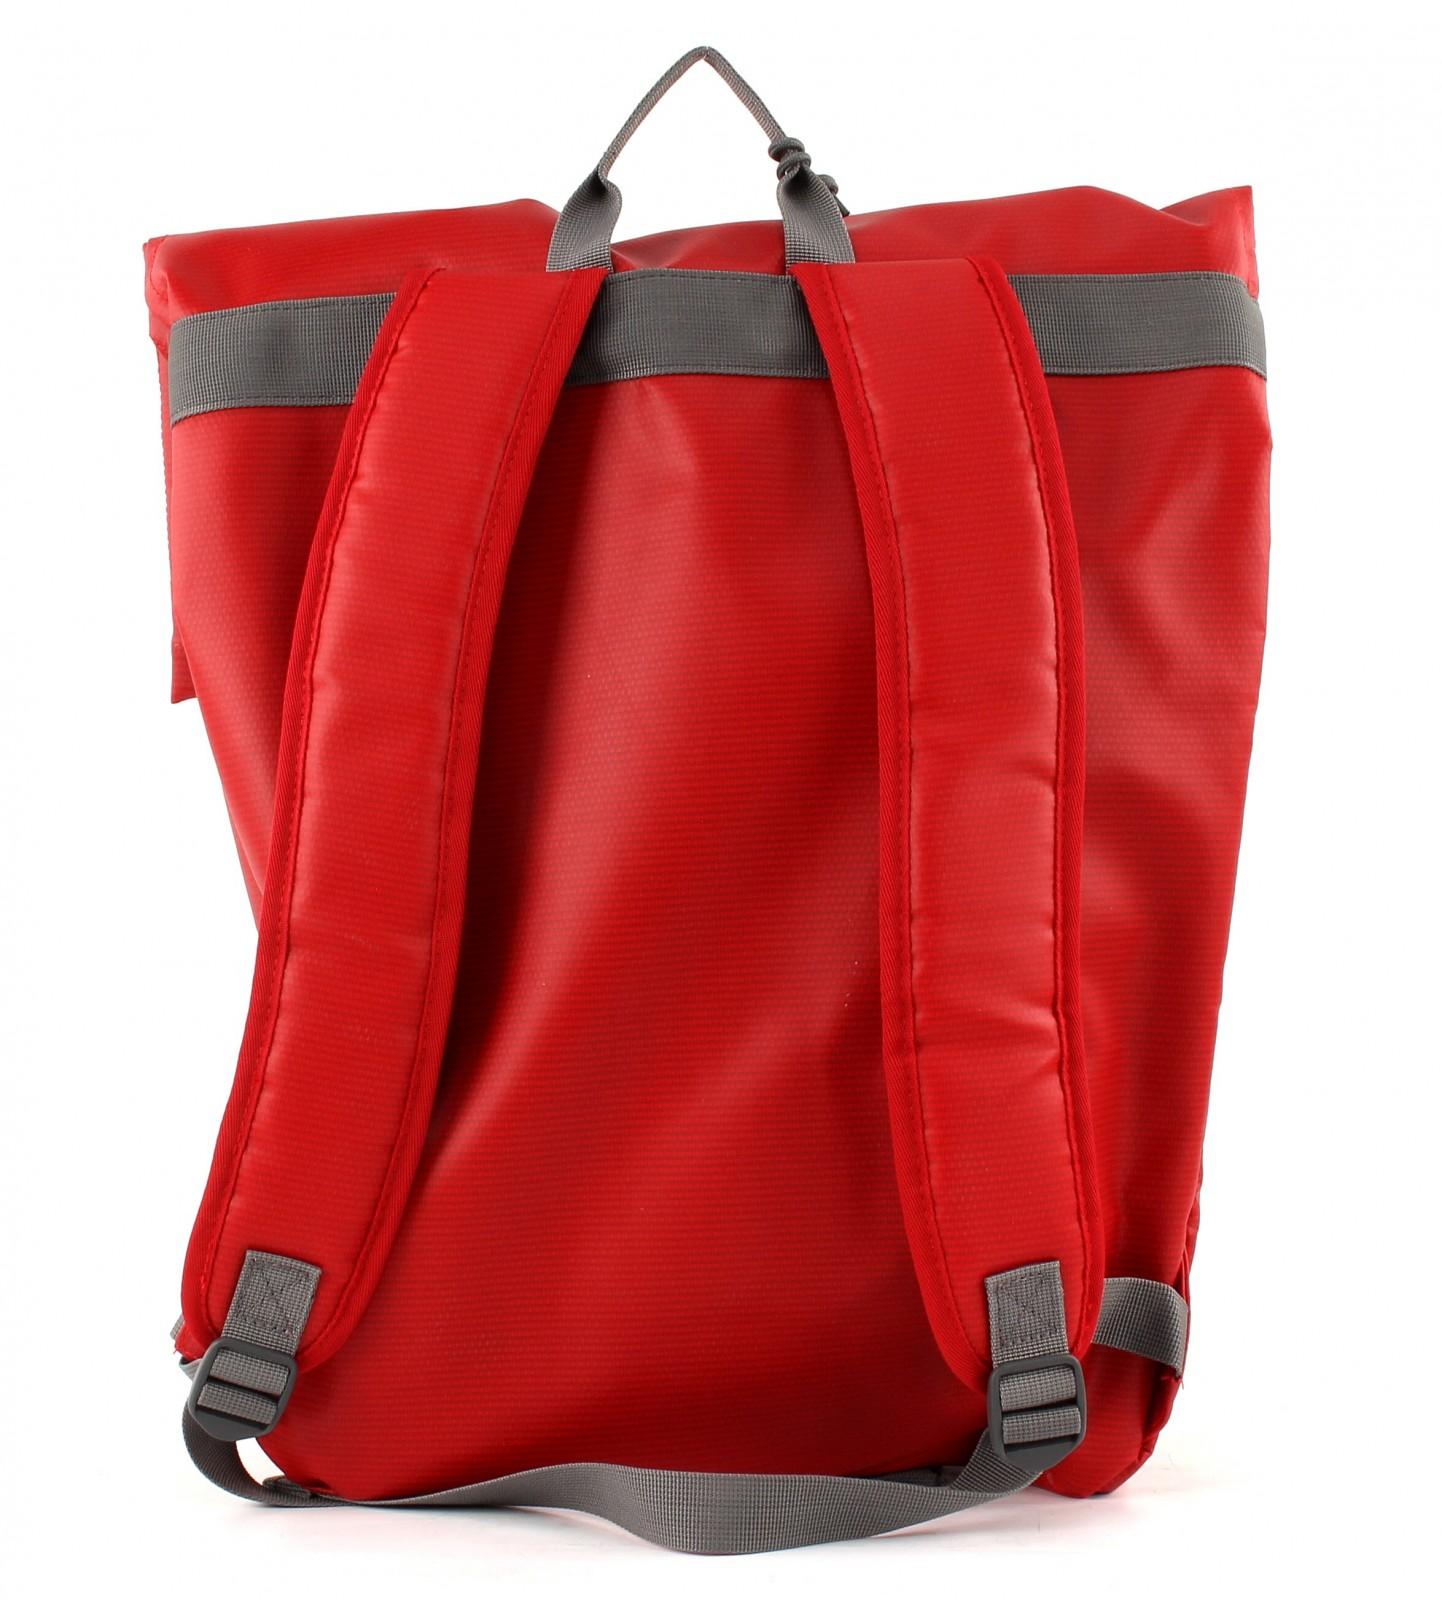 bree backpack punch 93 red. Black Bedroom Furniture Sets. Home Design Ideas